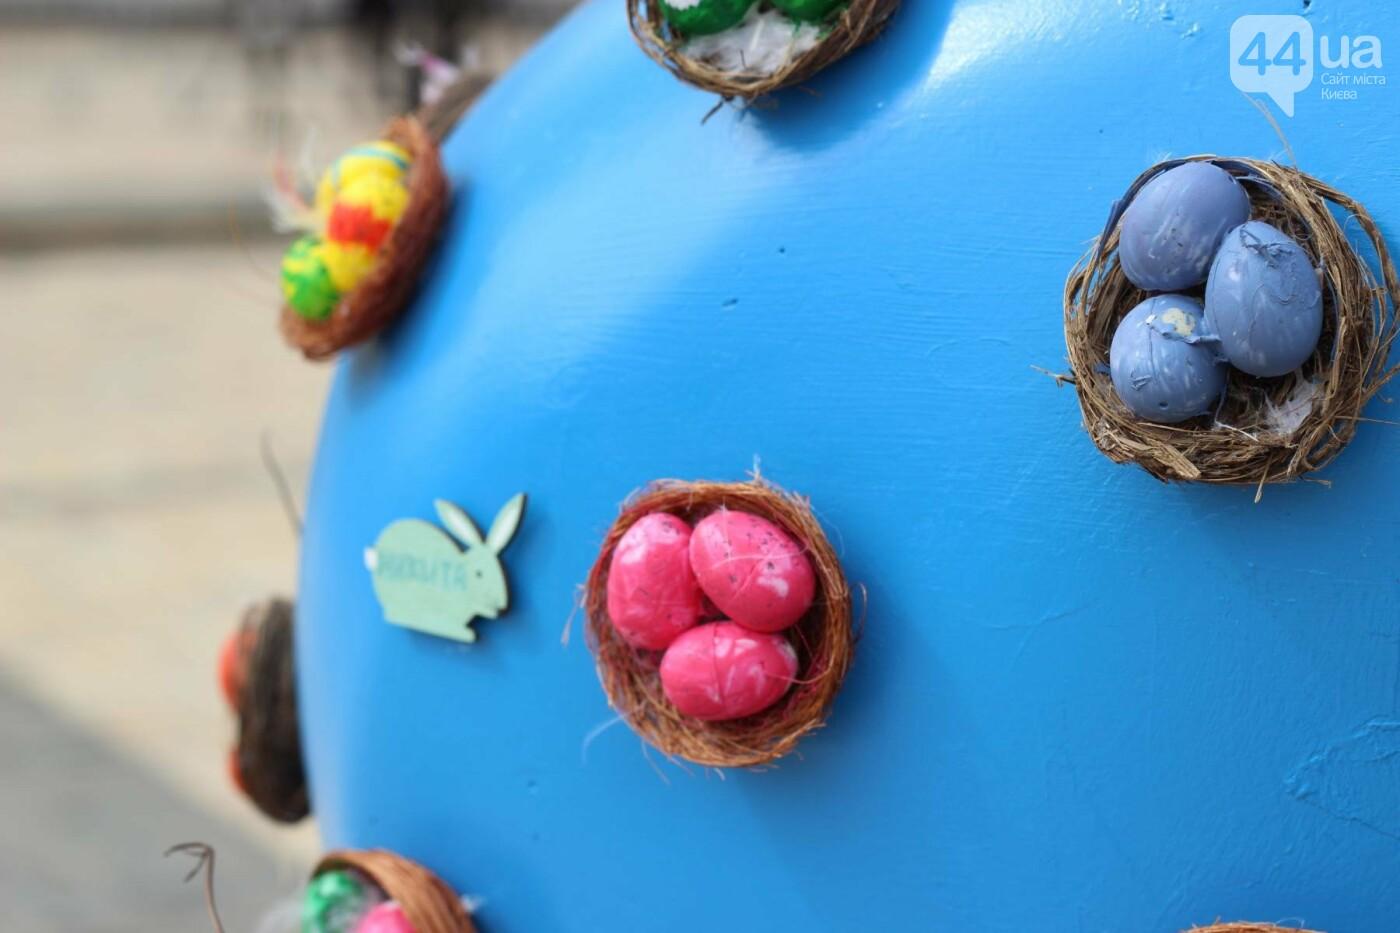 Писанки и кролики: как на Софийской площади проходит Пасхальный фестиваль, фото-31